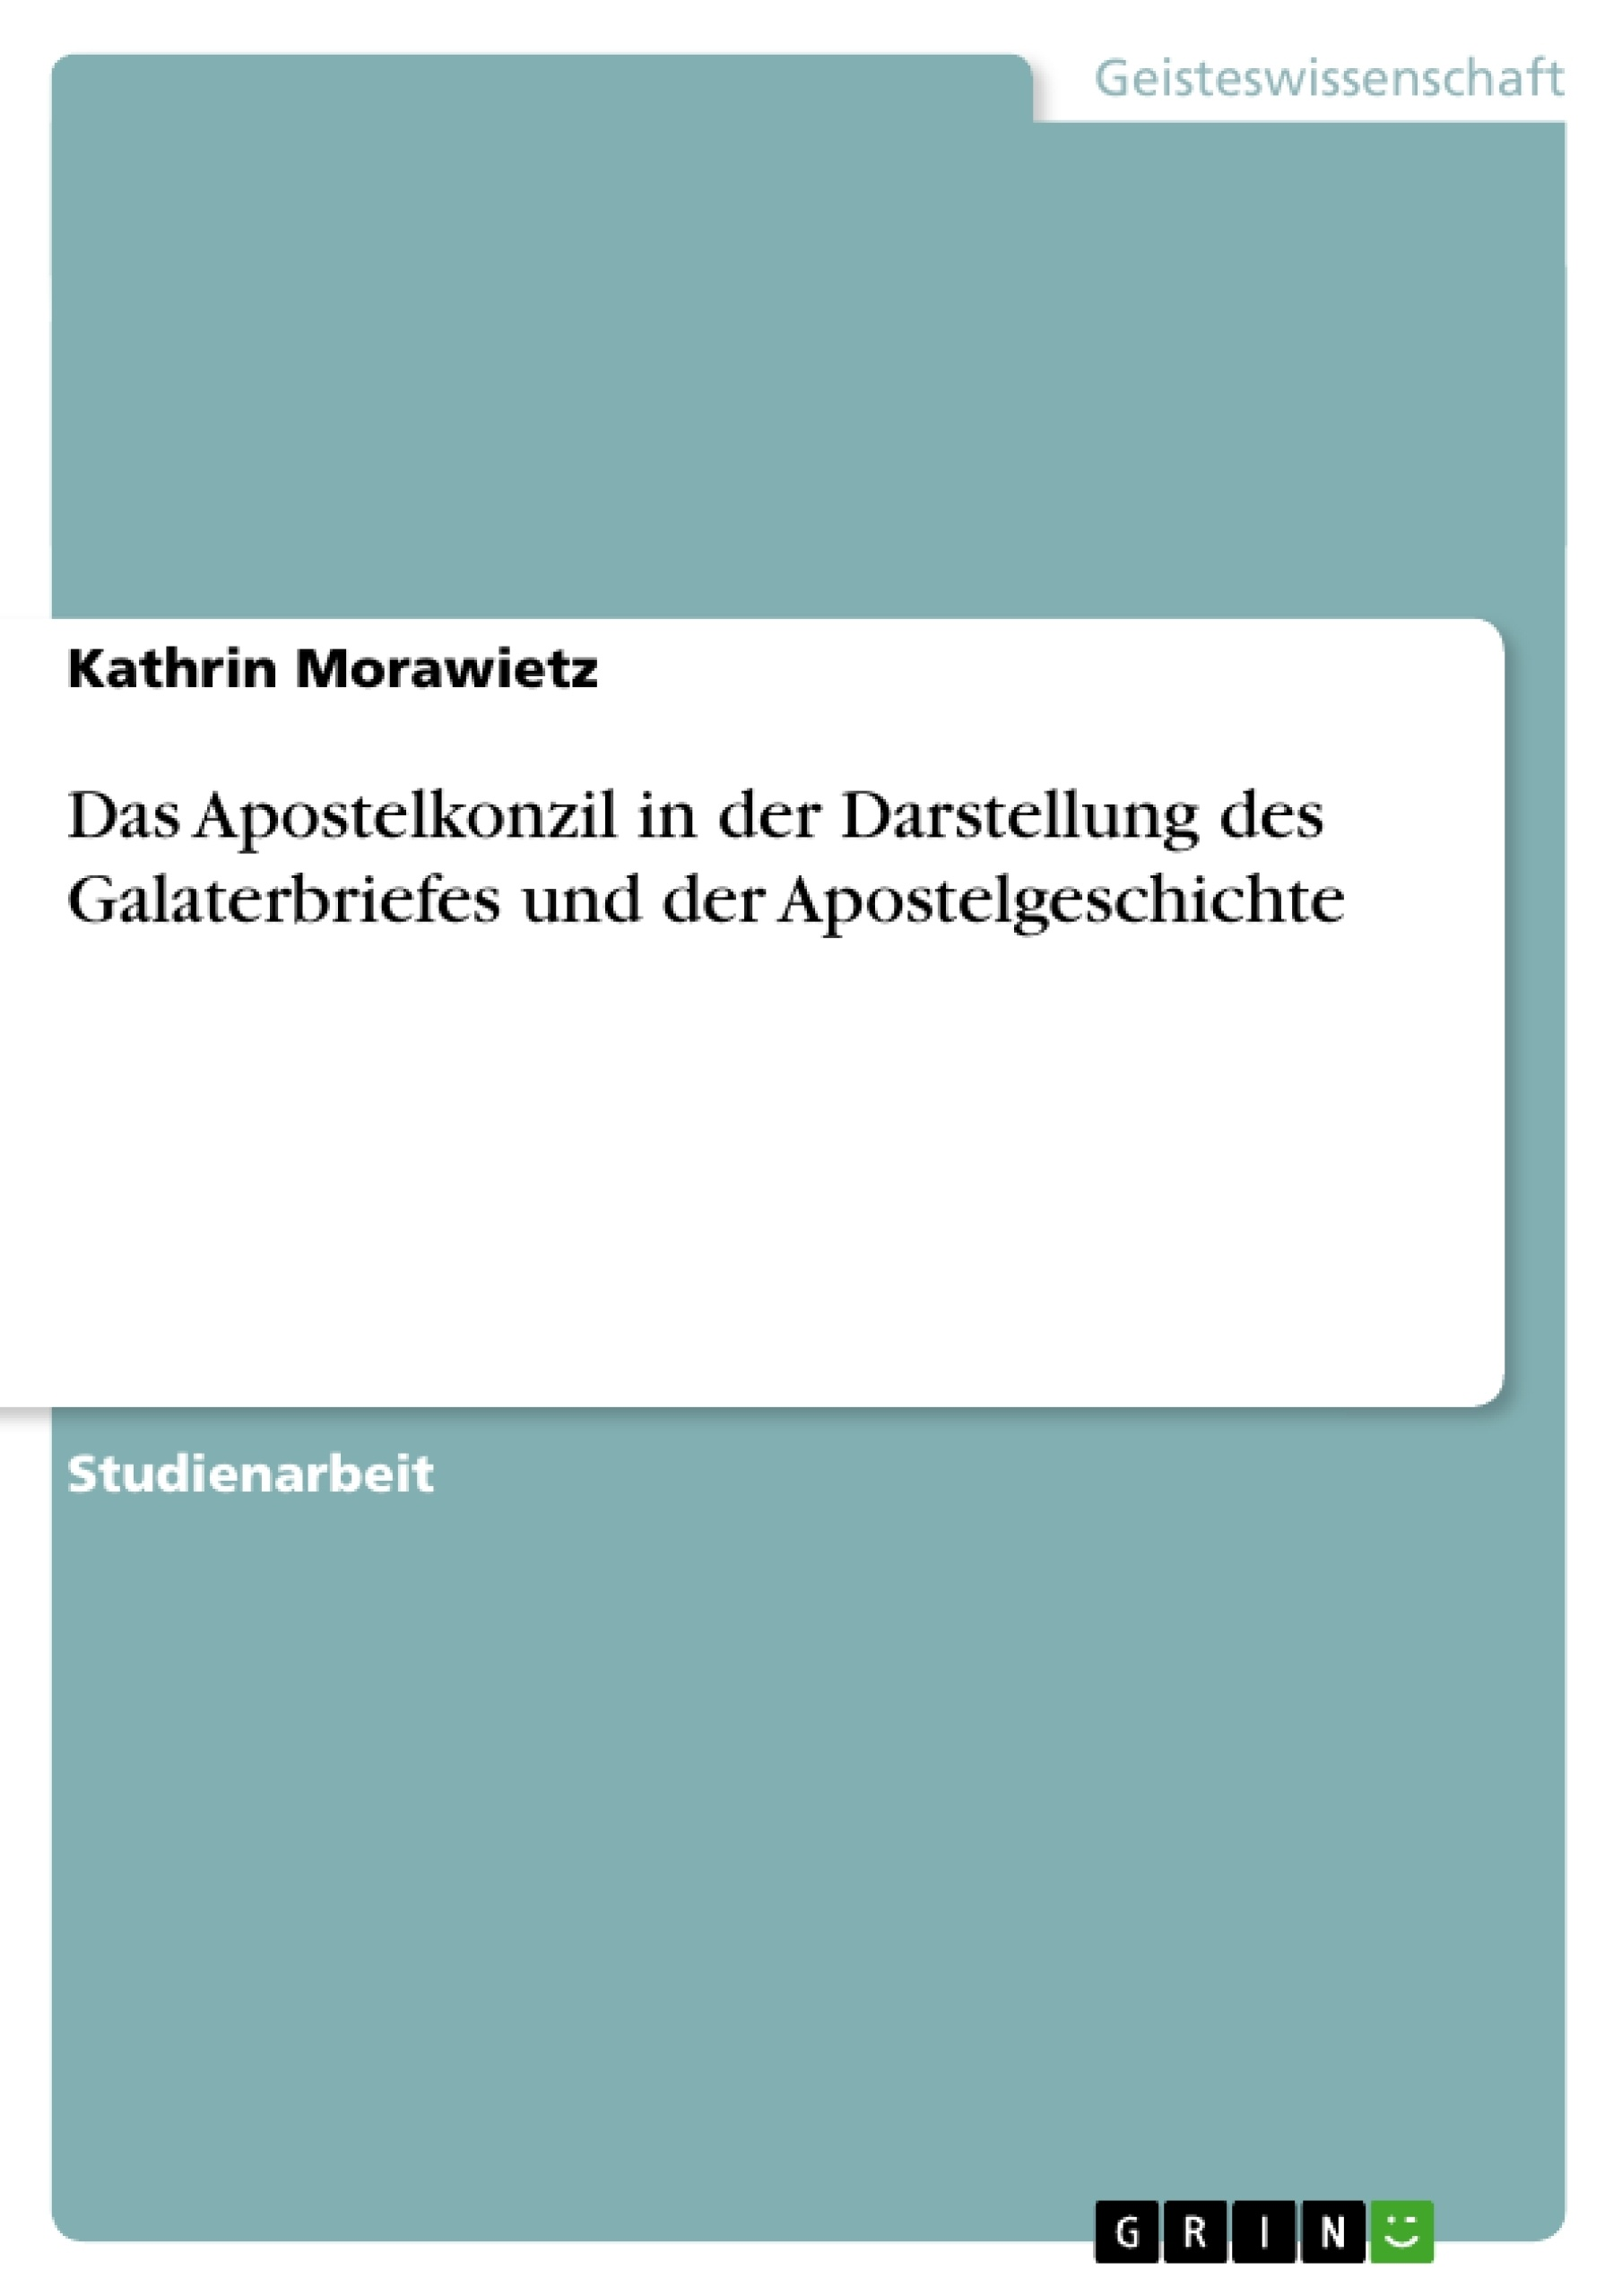 Titel: Das Apostelkonzil in der Darstellung des Galaterbriefes und der Apostelgeschichte